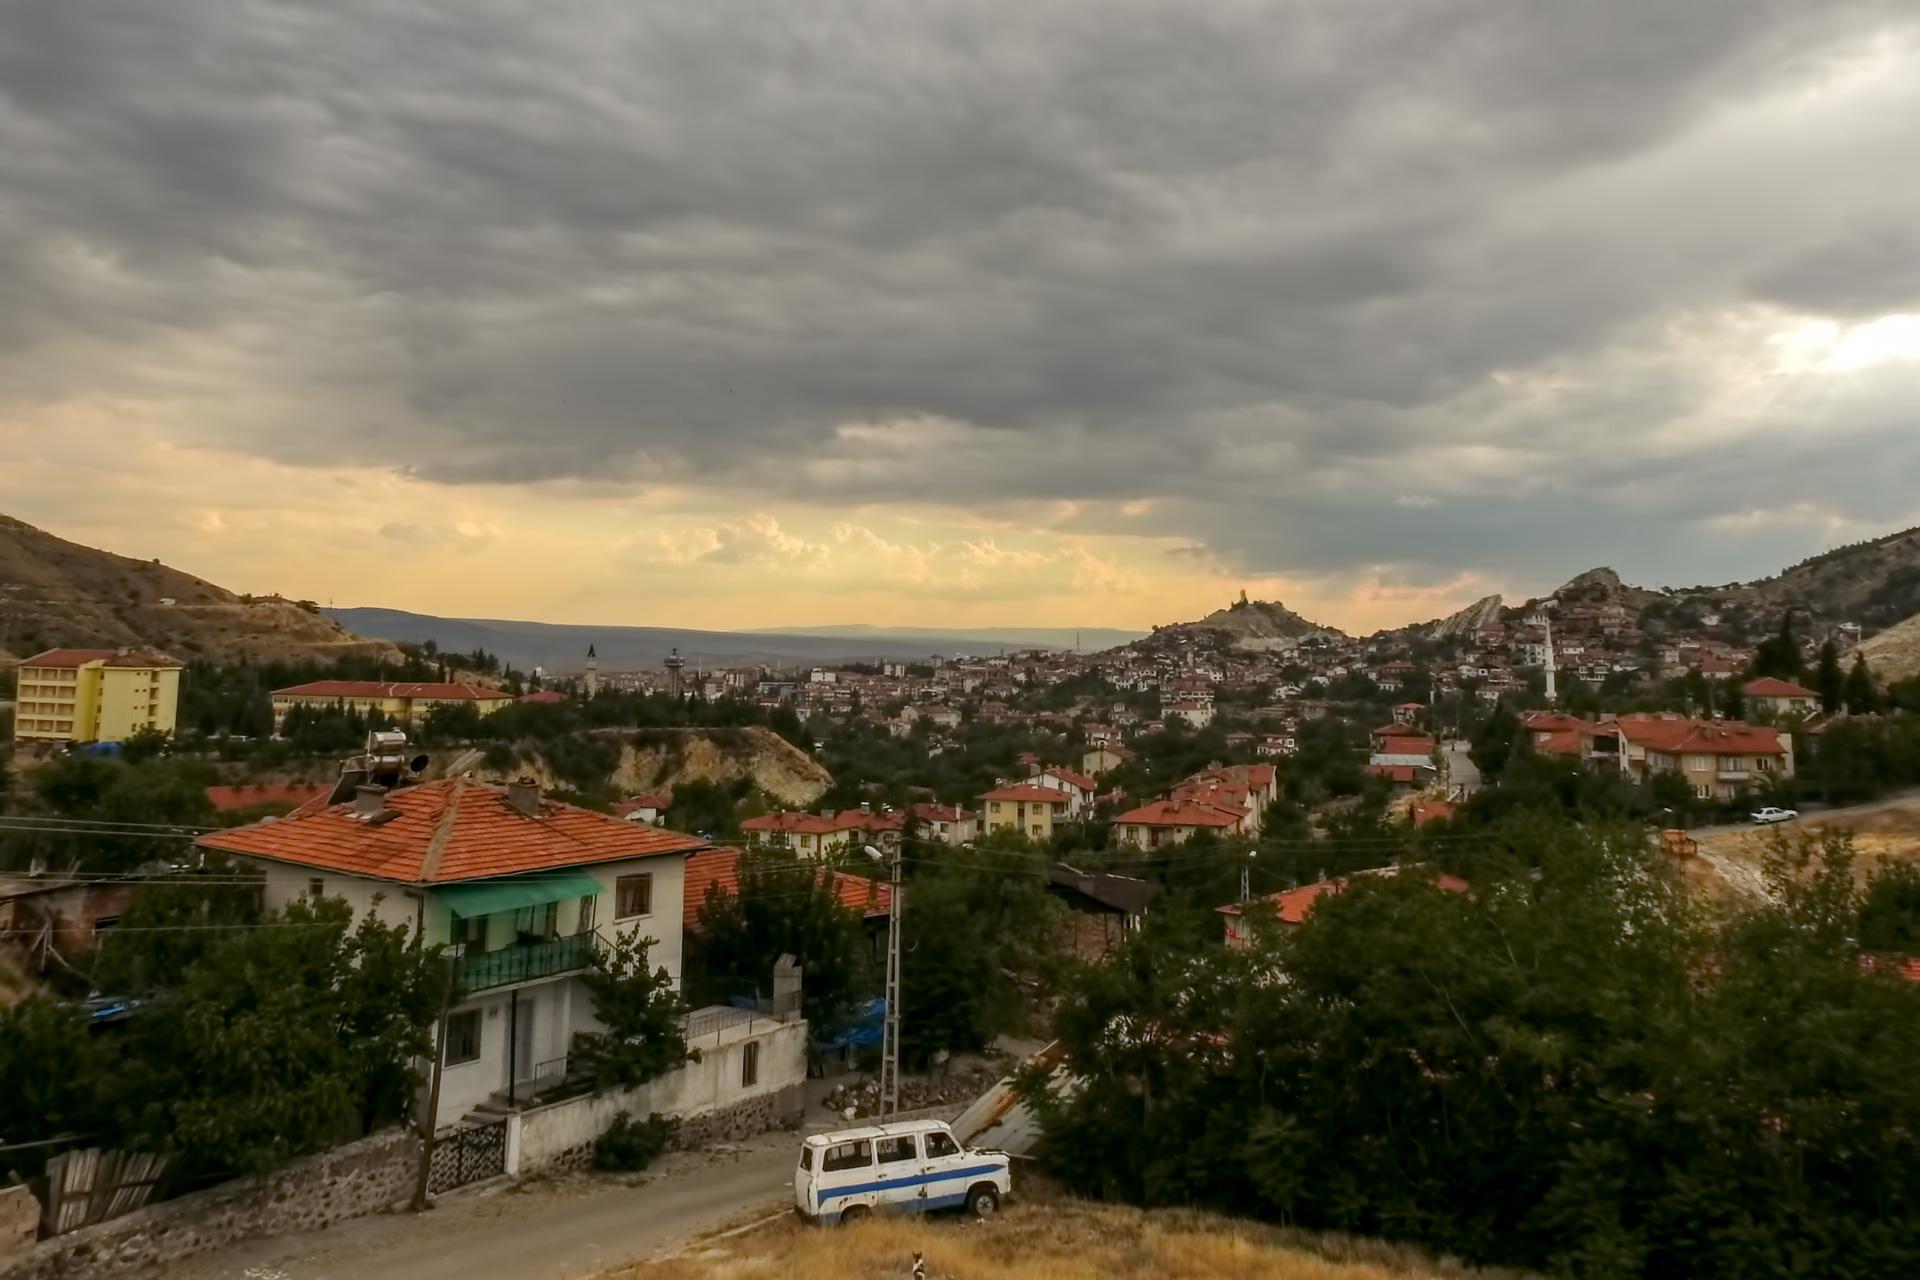 Beypazarı Fotoğrafları Ankara Türkiye Çekergezer Hakan Aydın Gezgin Fotoğrafçı www.cekergezer.com www.cekergezer.com